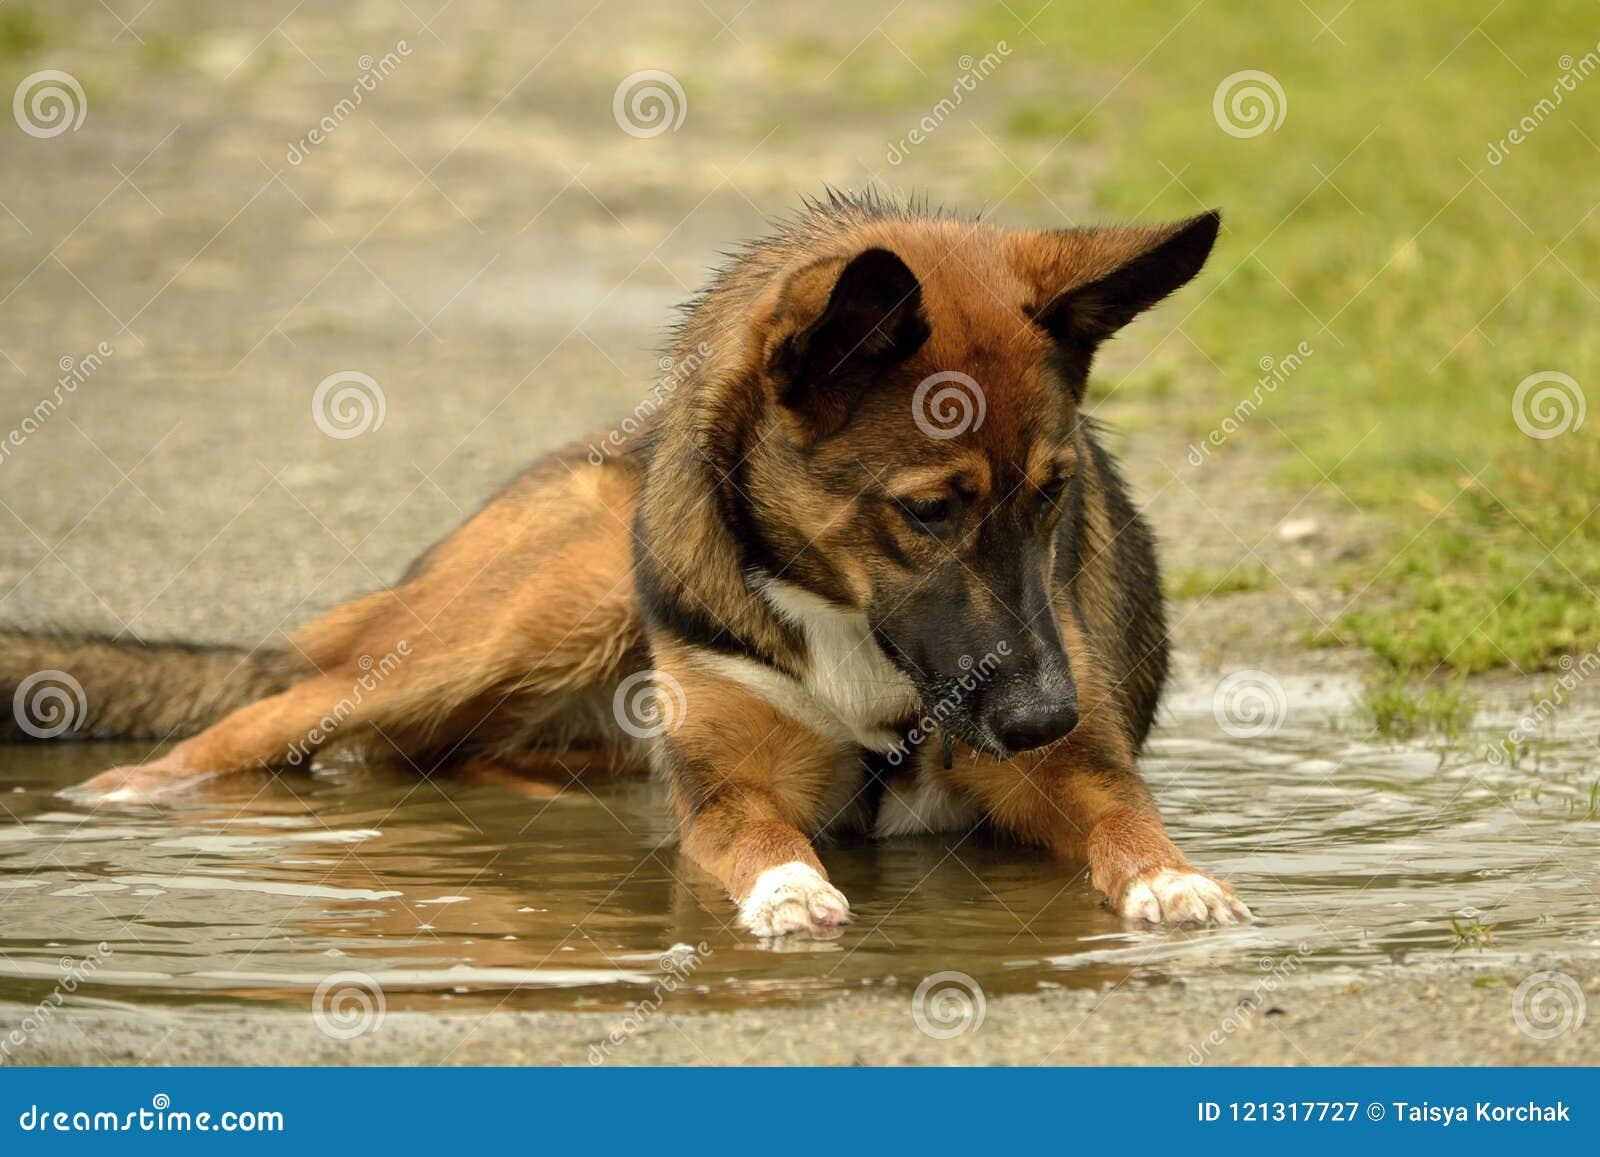 Insolation, santé des animaux familiers pendant l été Comment protéger votre chien contre la surchauffe